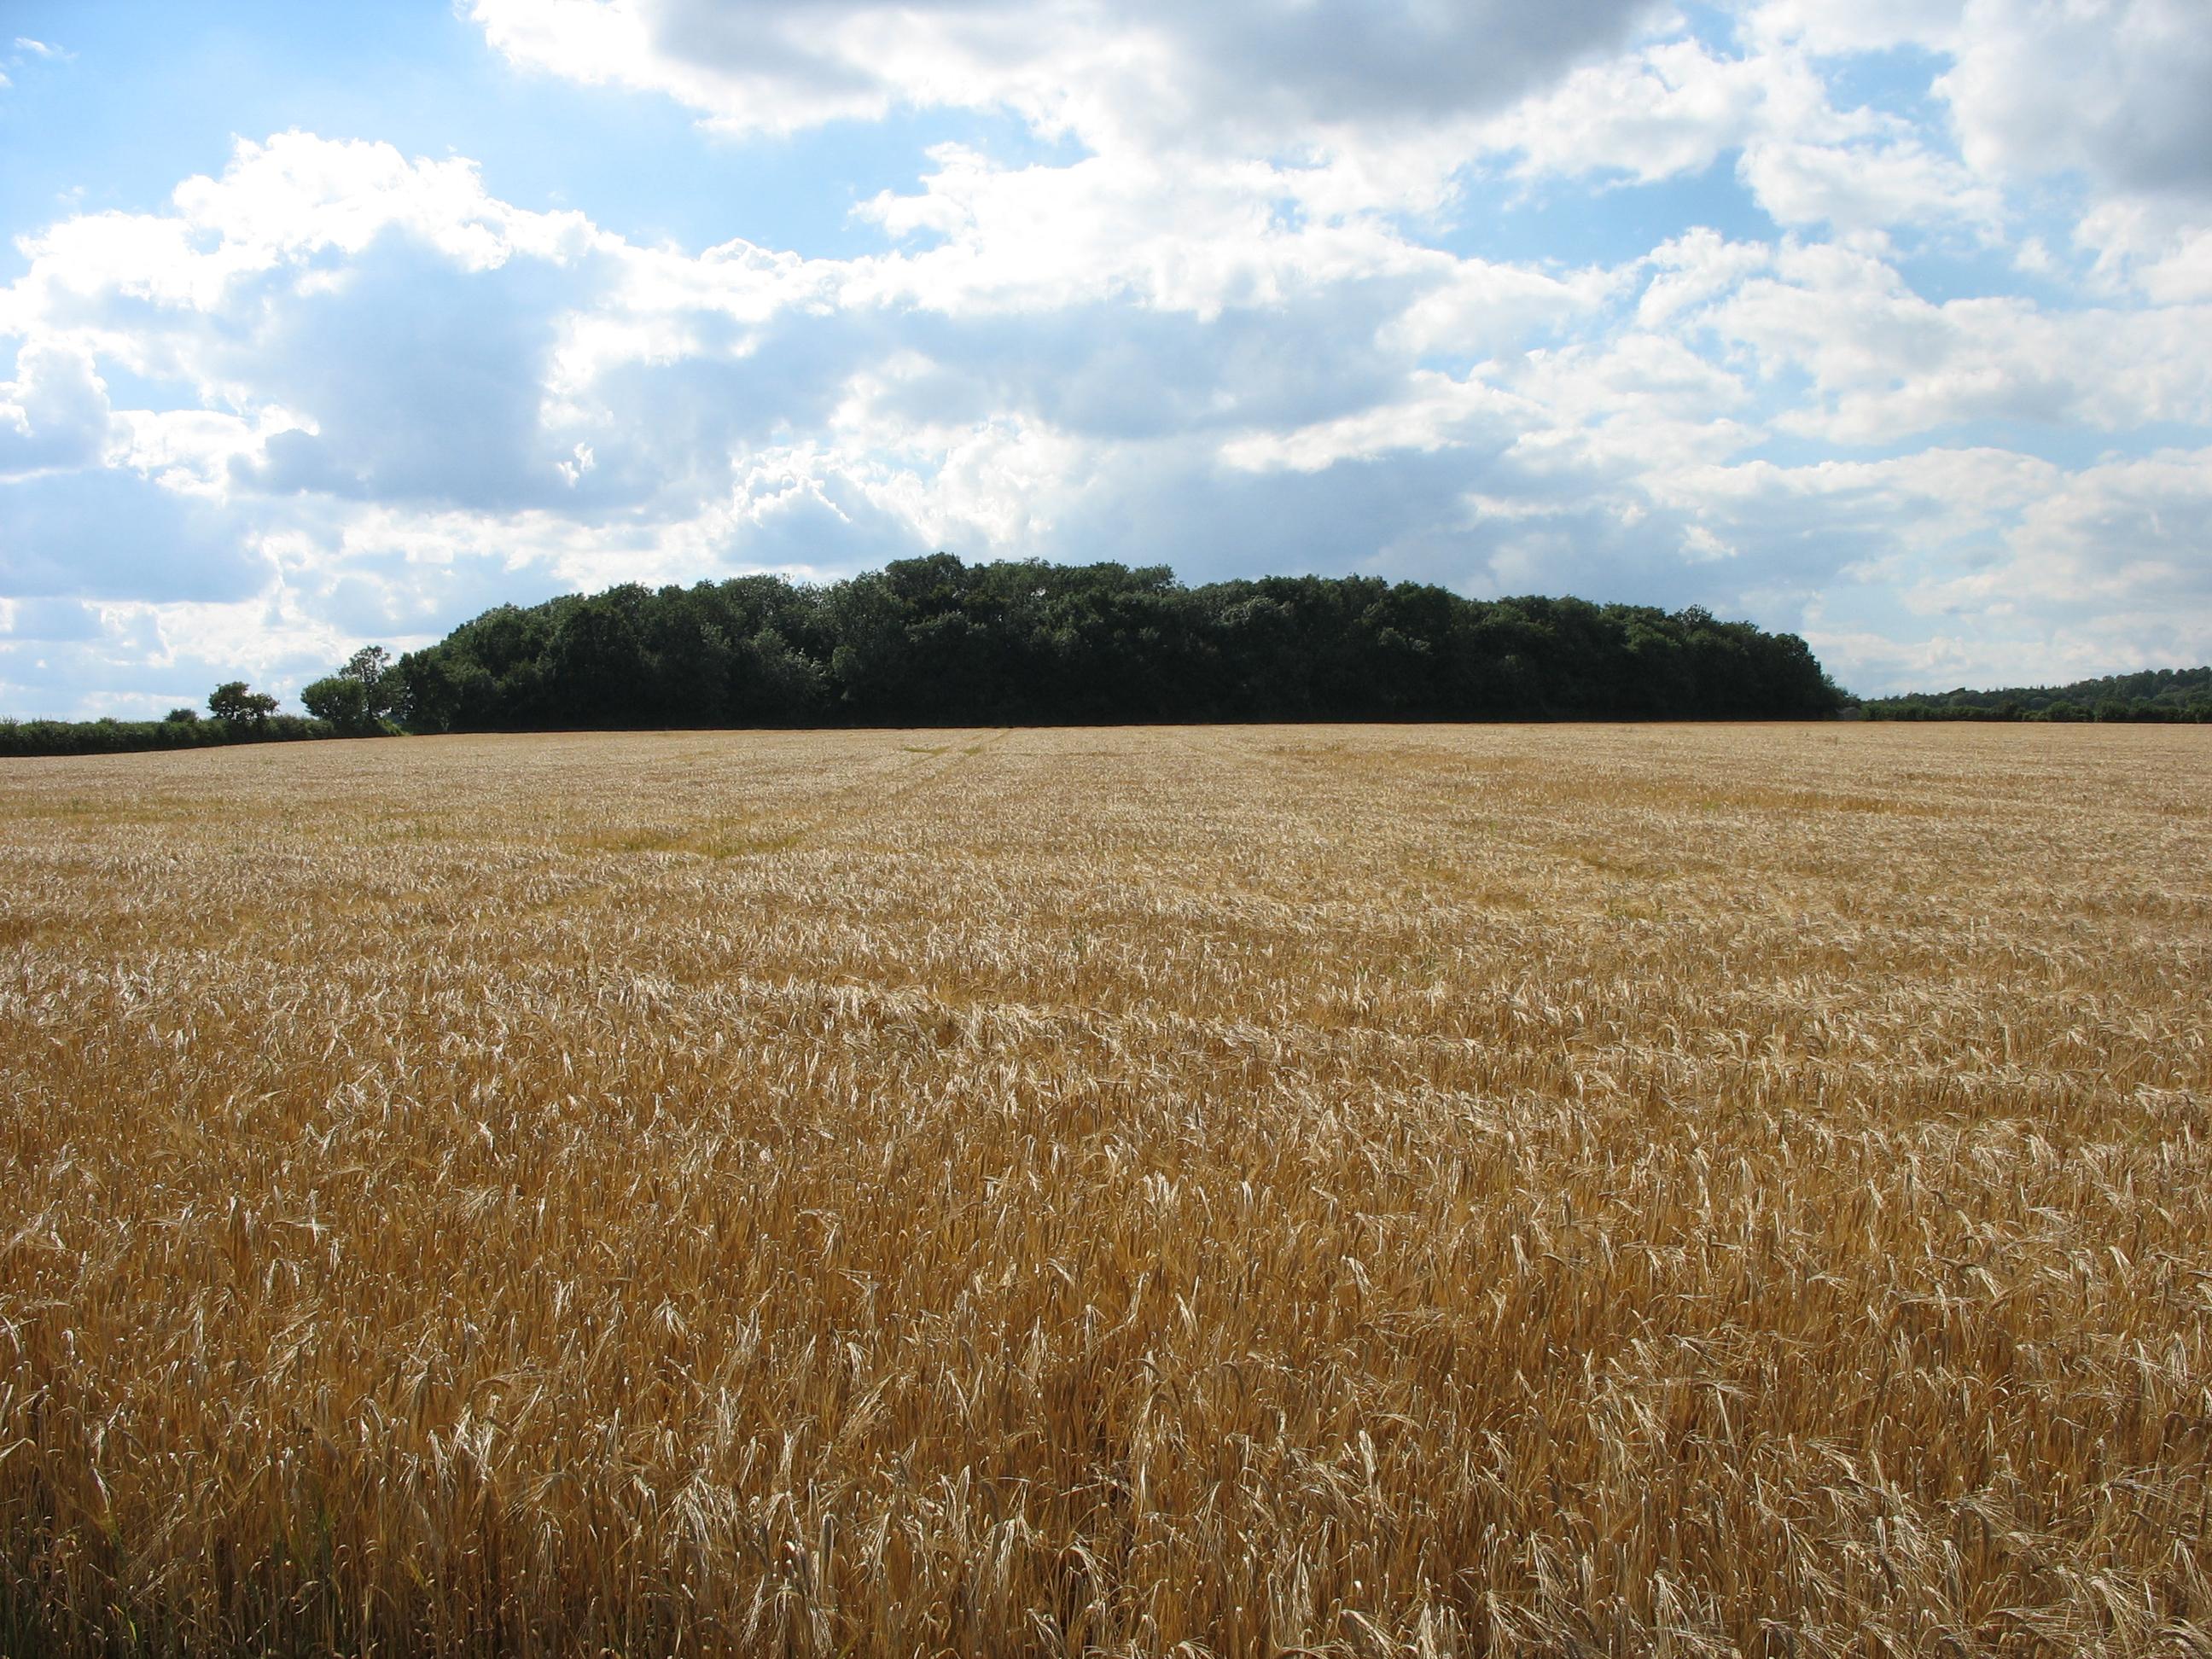 barley fields by nitrok - photo #20